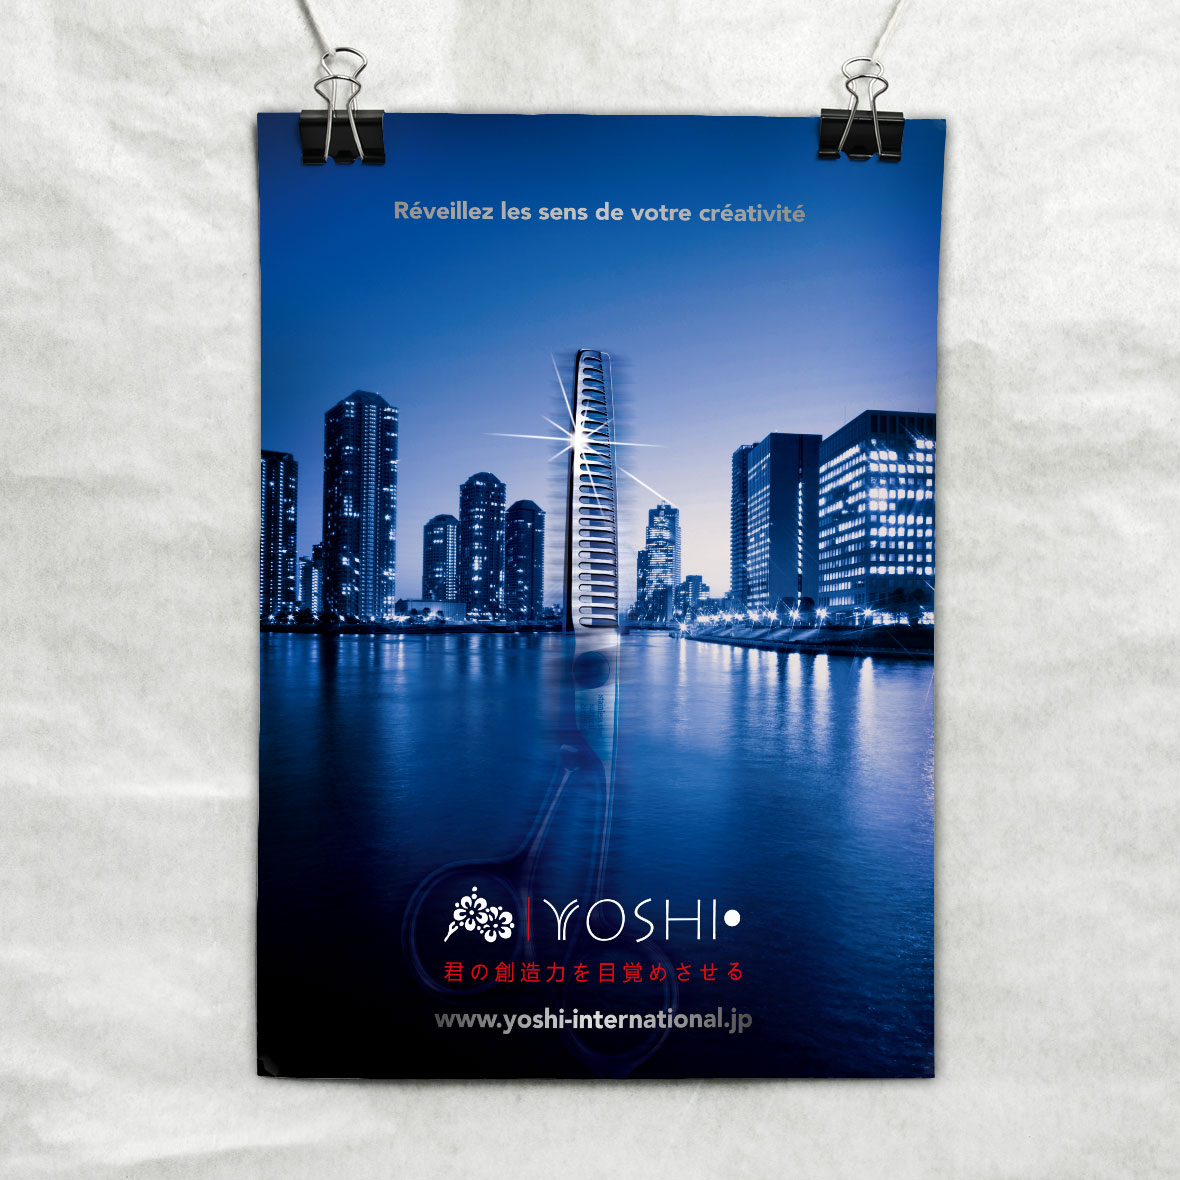 YOSHI Ciseaux